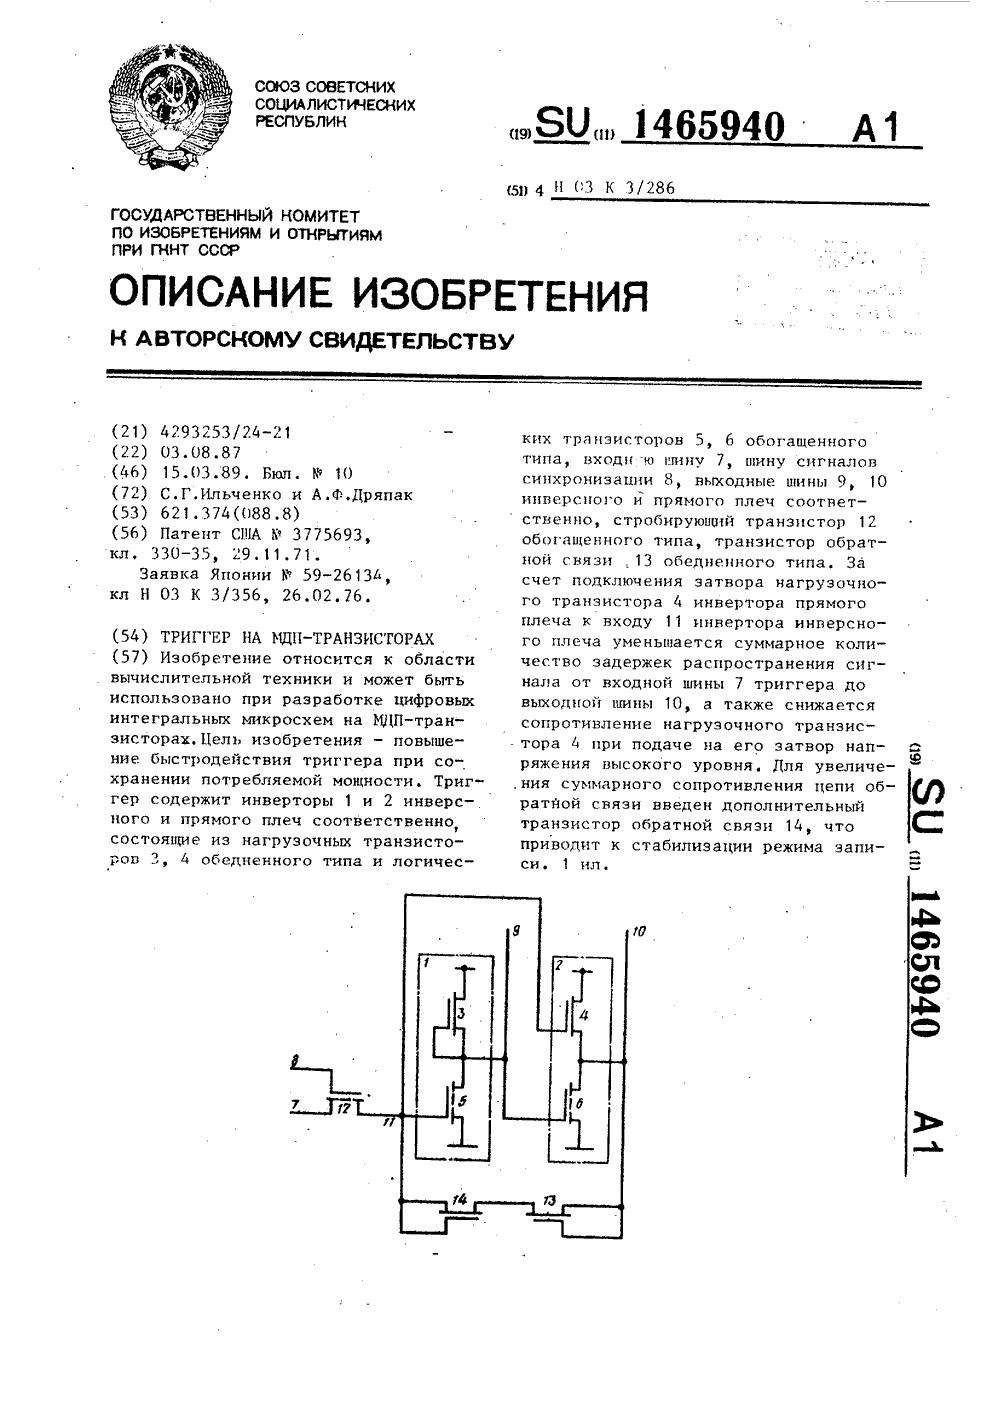 принципиальная схема триггера шмидта